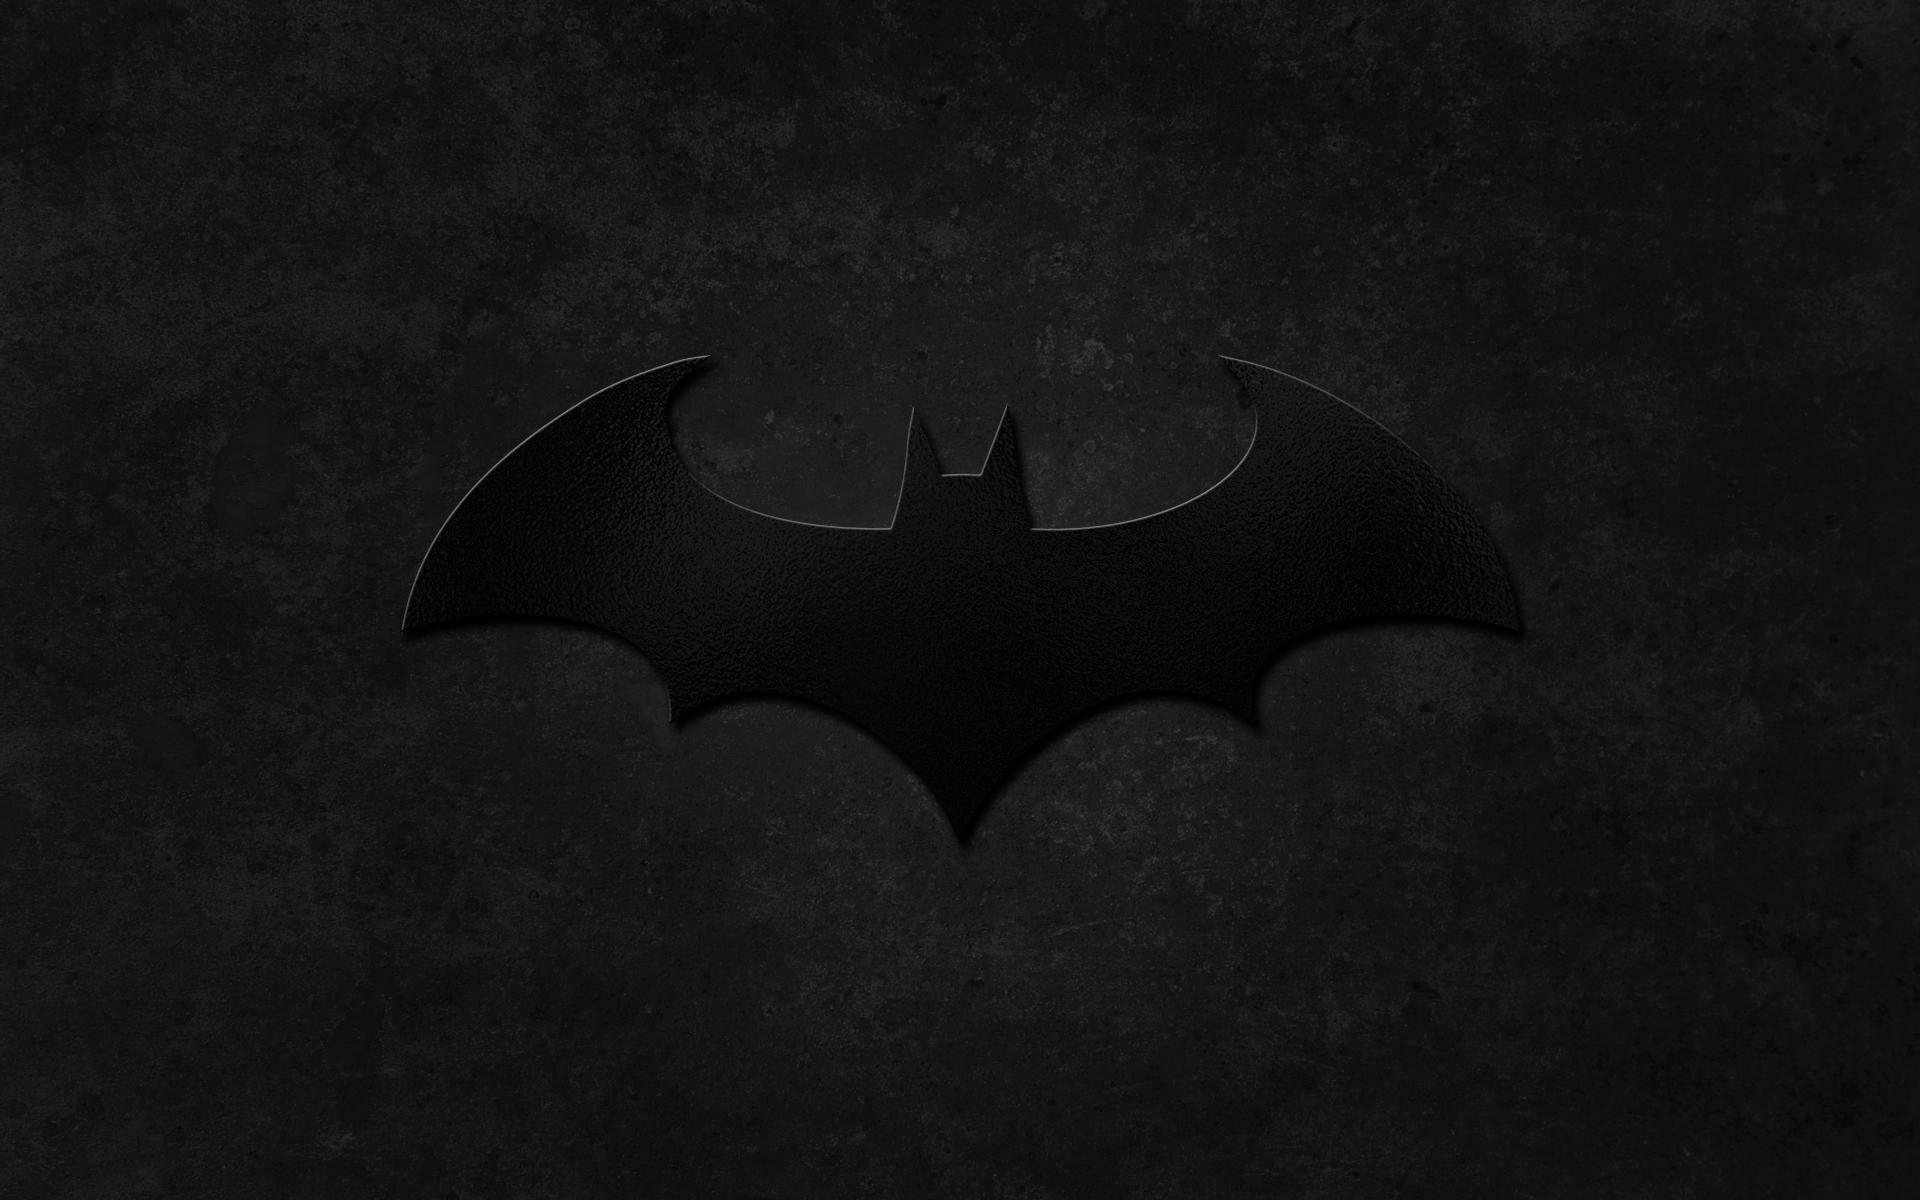 Batman Logo Wallpaper by PK Enterprises 1920x1200